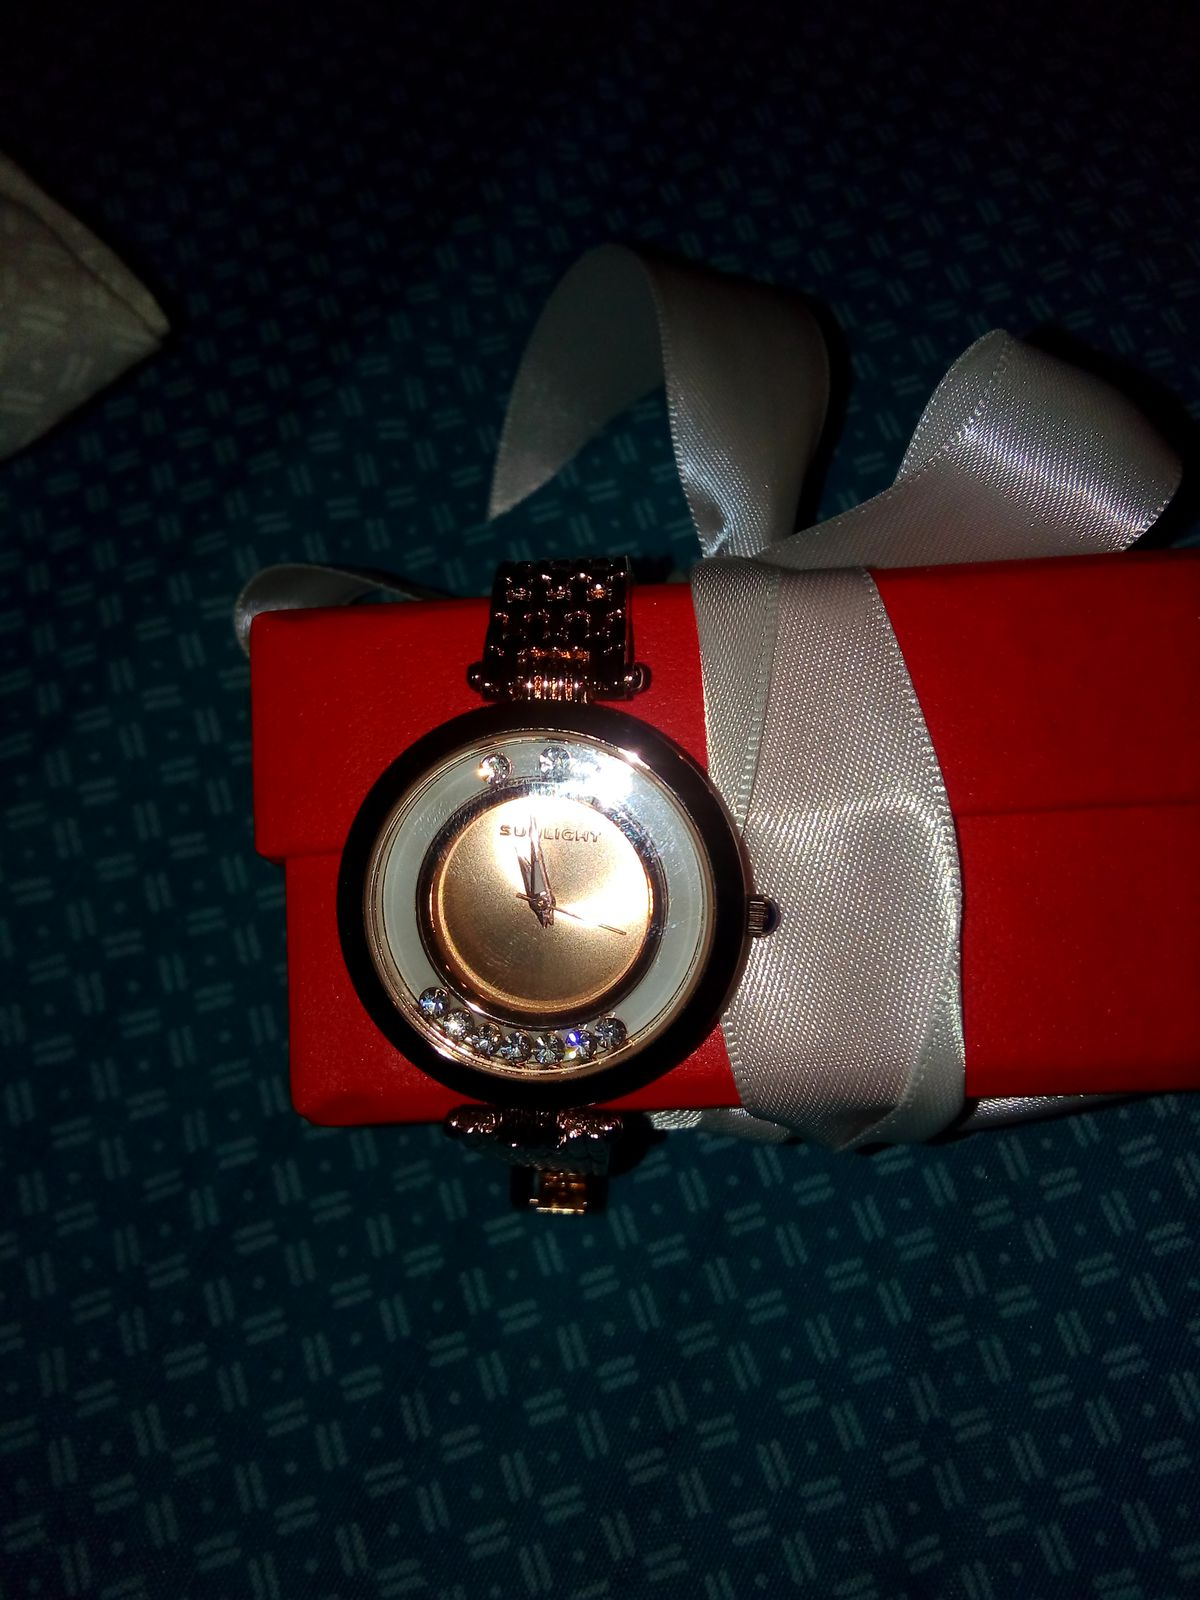 Суперские часы!